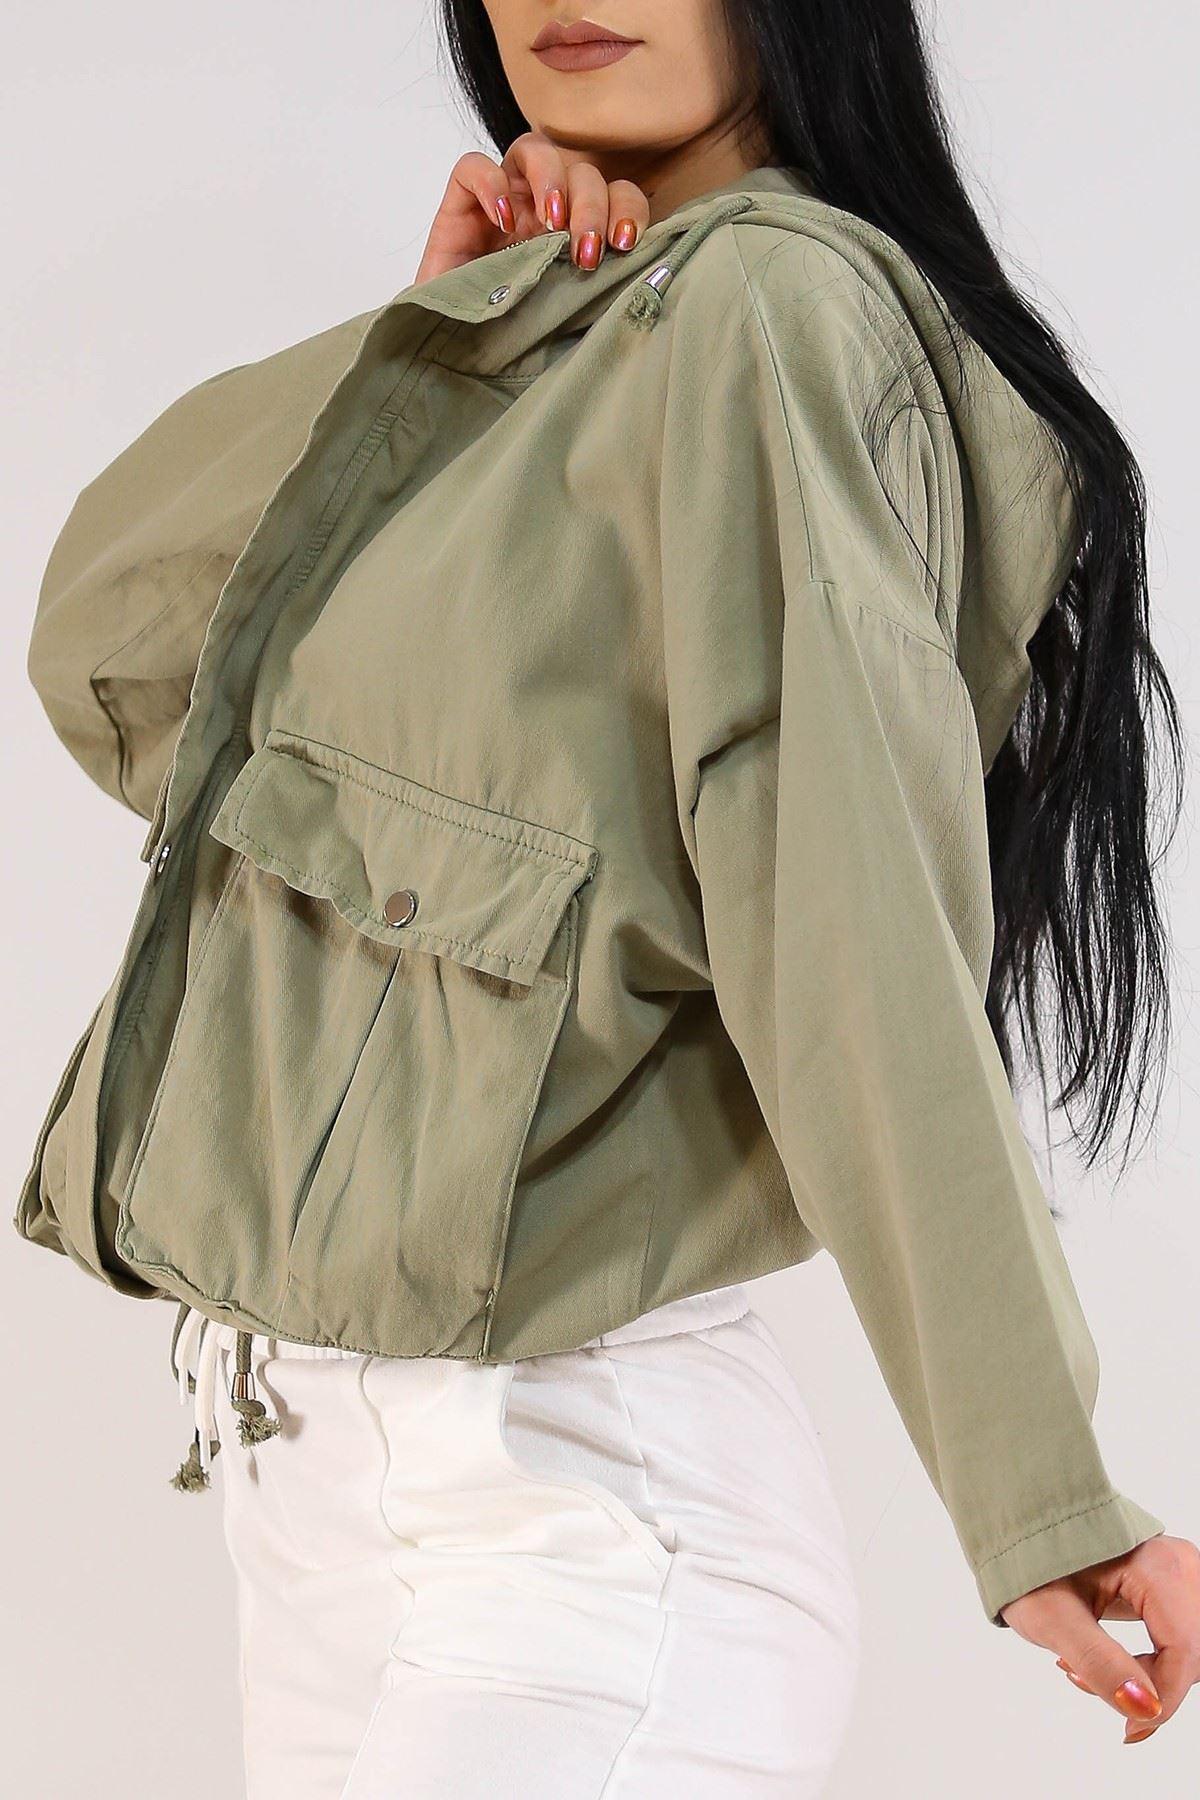 Salaş Kapşonlu Ceket Küf Yeşili - 2105.223.